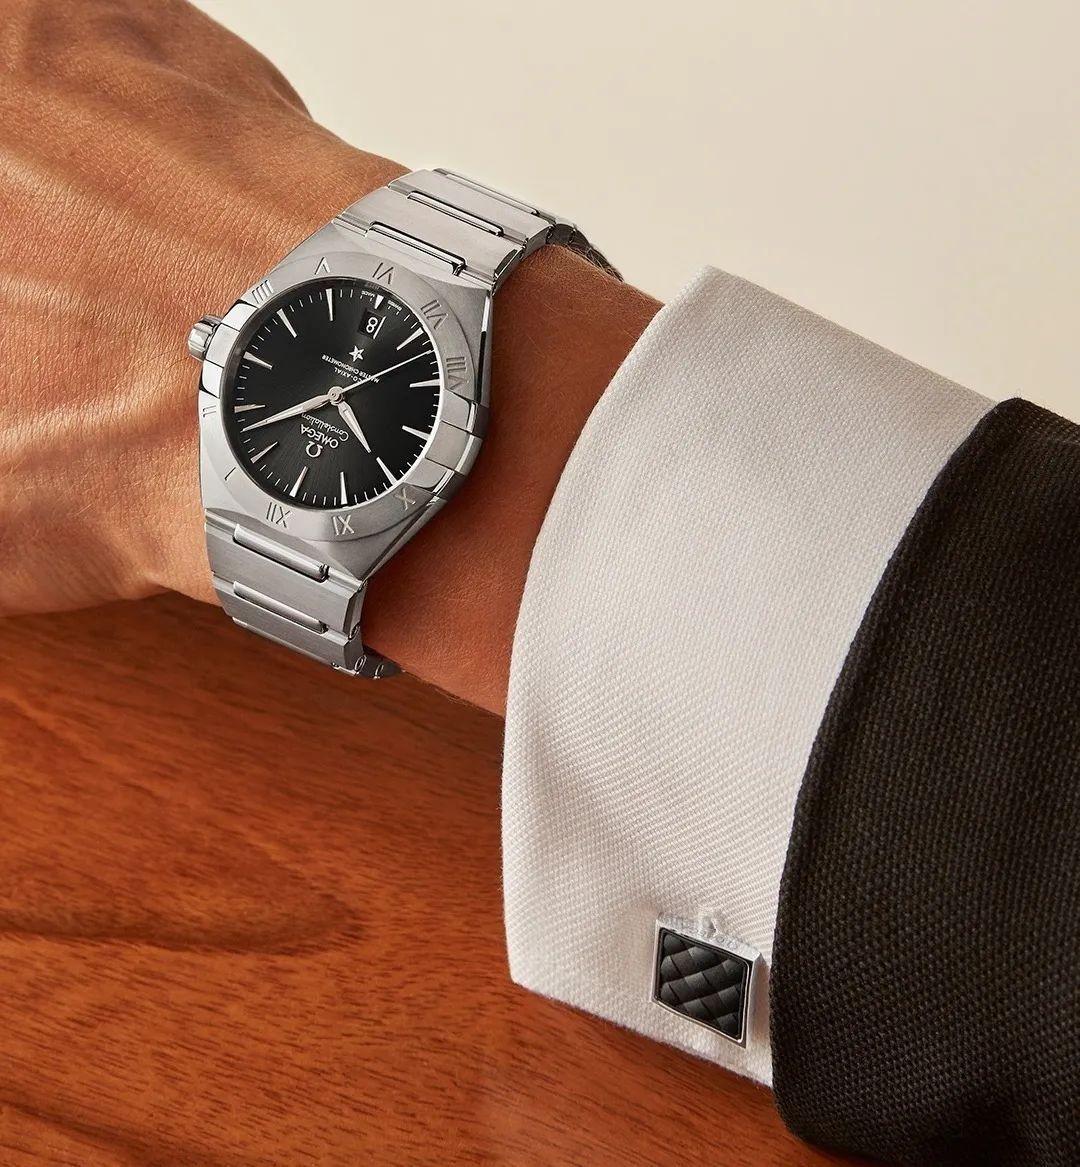 【重点】关于手表大小,很多人都不知道的秘密 资讯 第1张